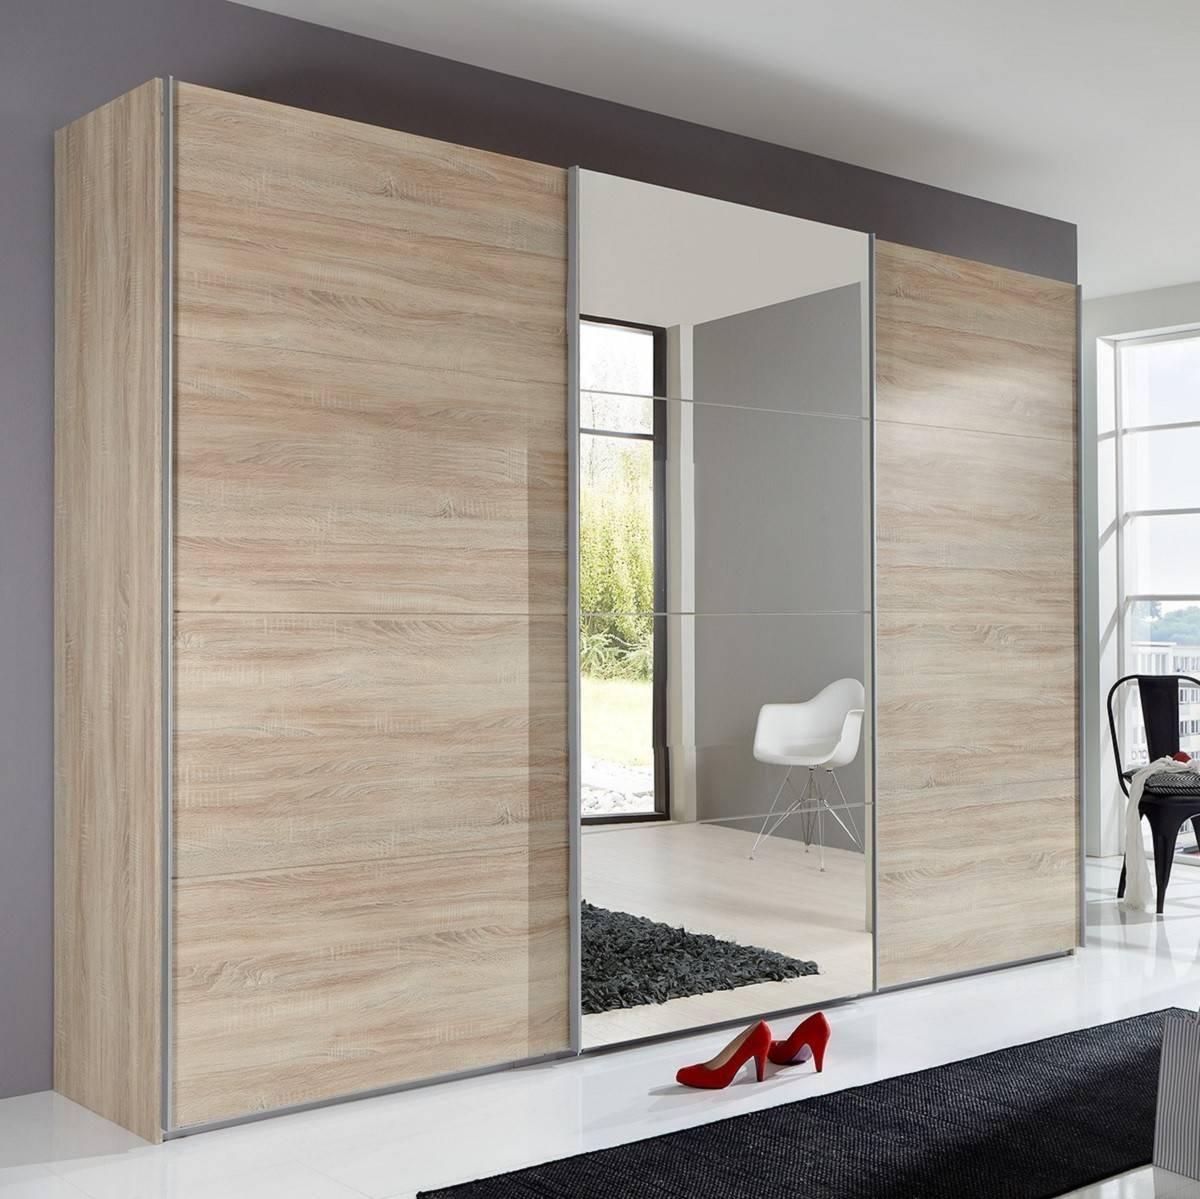 Slumberhaus 'ernie' German Made Modern 270Cm Oak & Mirror 3 Door regarding Wardrobes 3 Door With Mirror (Image 12 of 15)